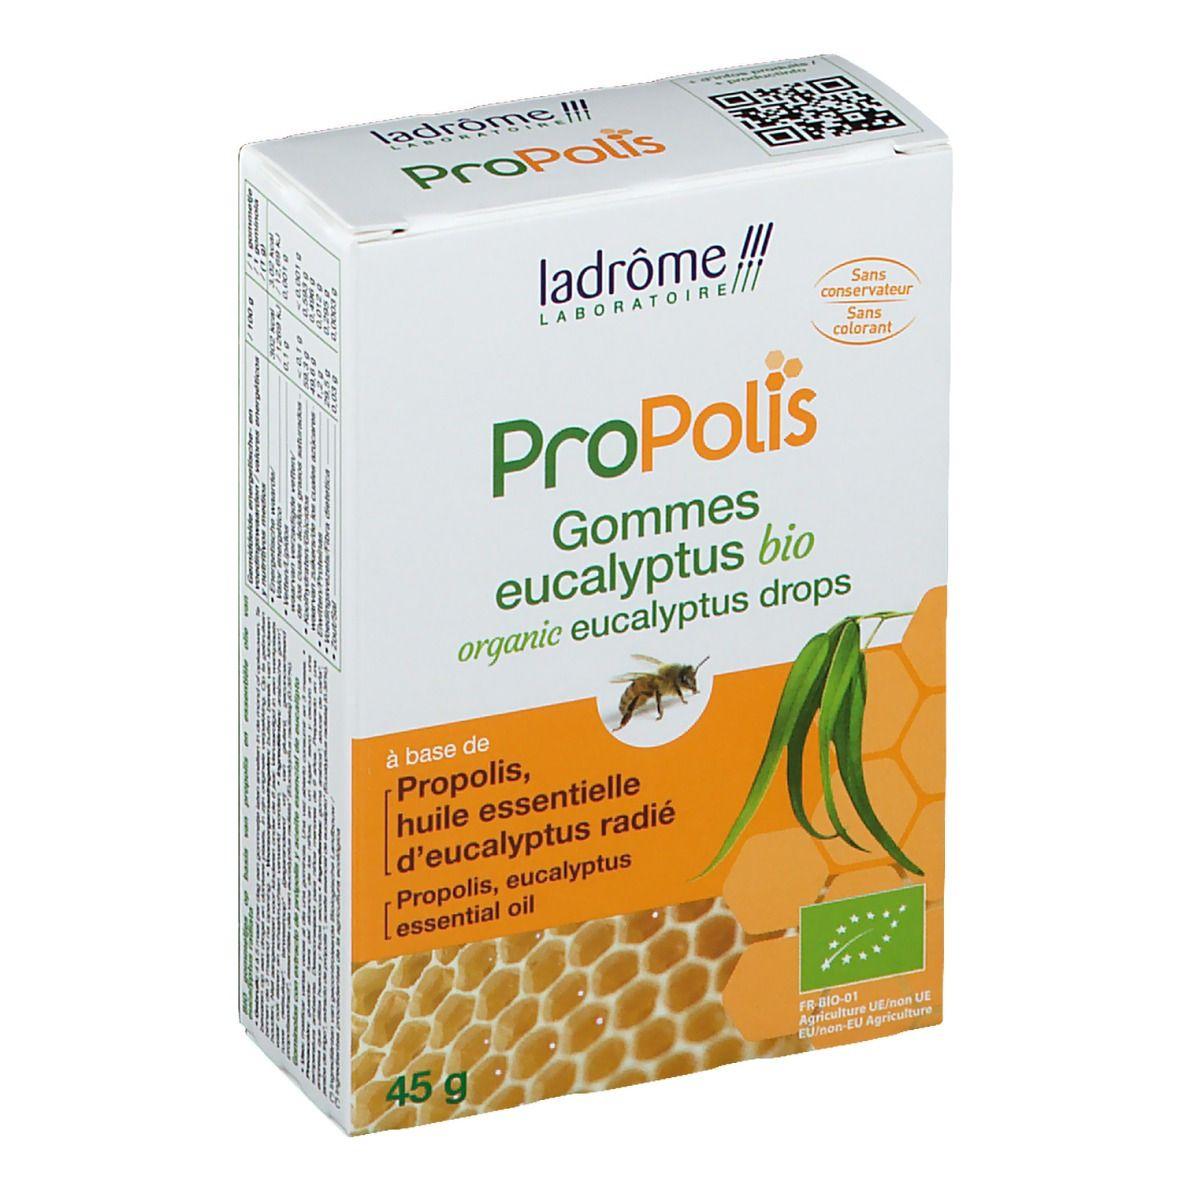 ladrôme Laboratoire ProPolis Gommes propolis et eucalyptus bio g pastille(s)